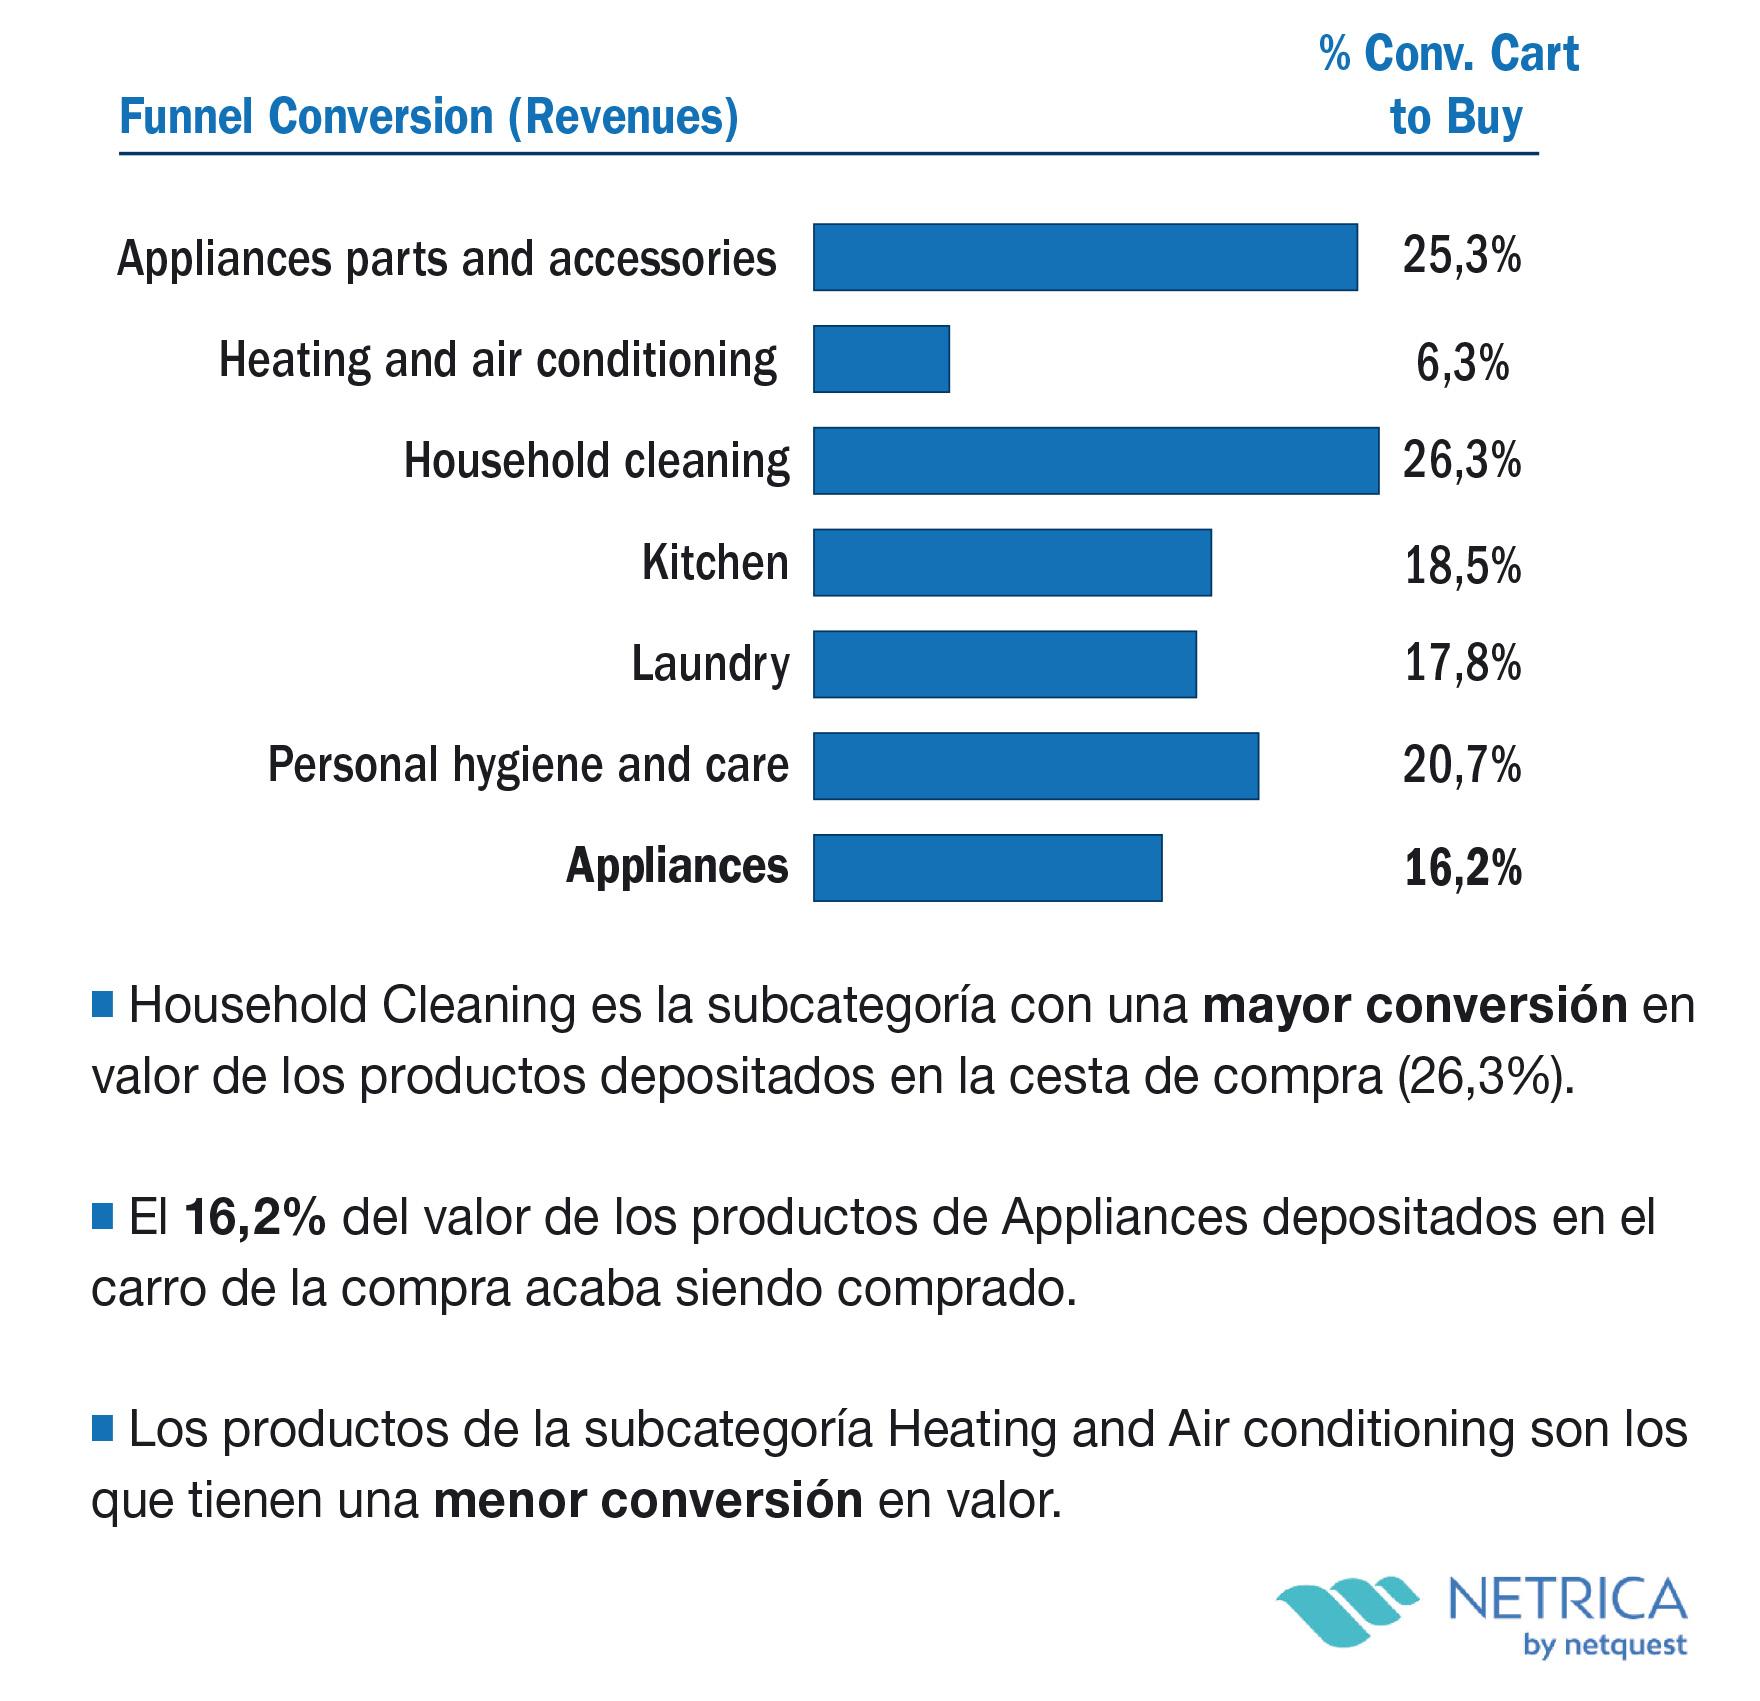 Conversión (%) Cart to Buy por subcategoría (en valor)